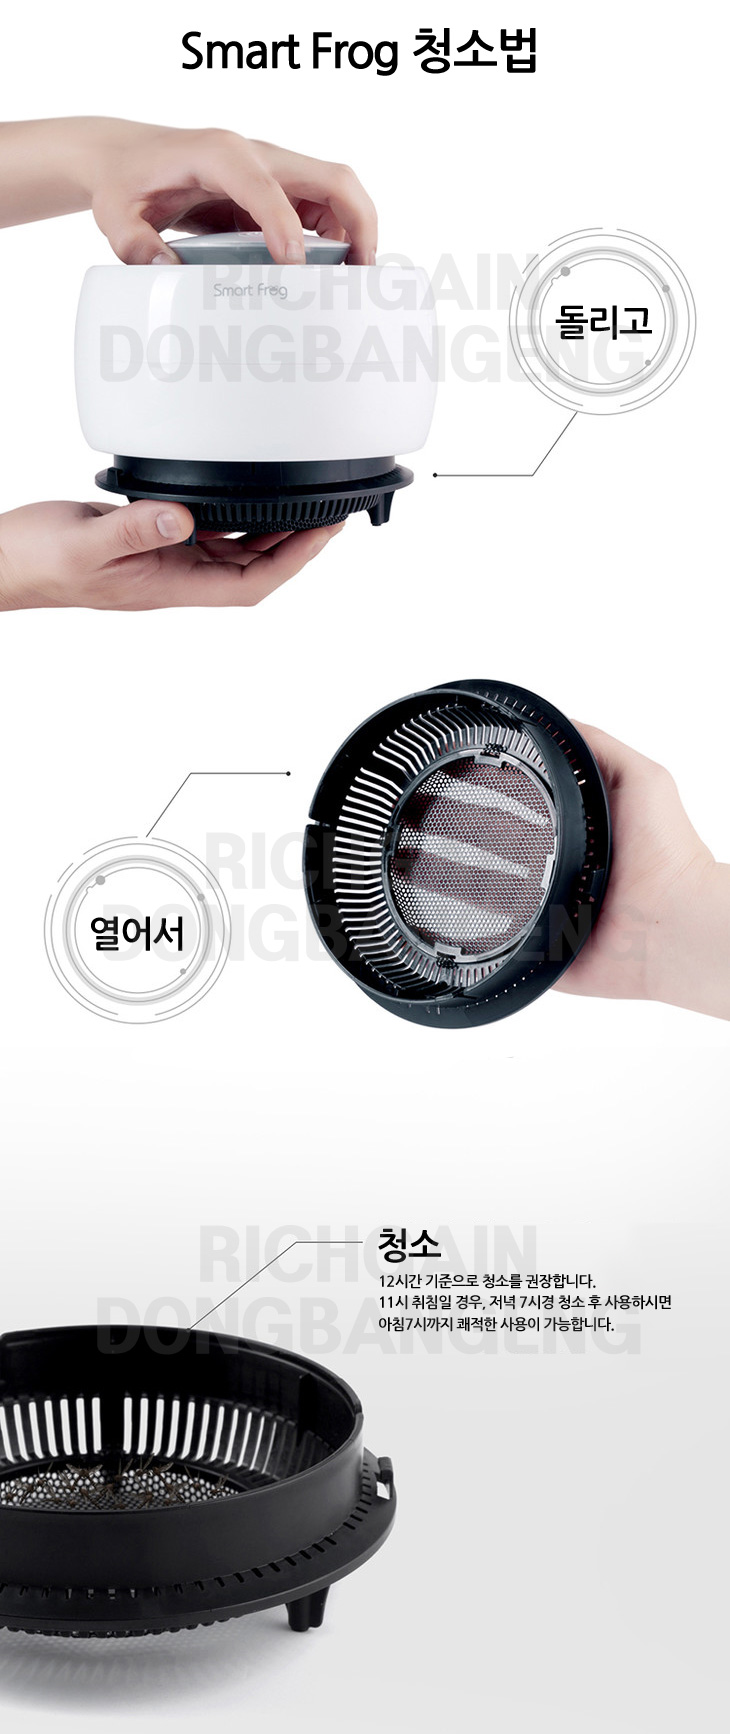 SmartFrog-moskito-10.jpg